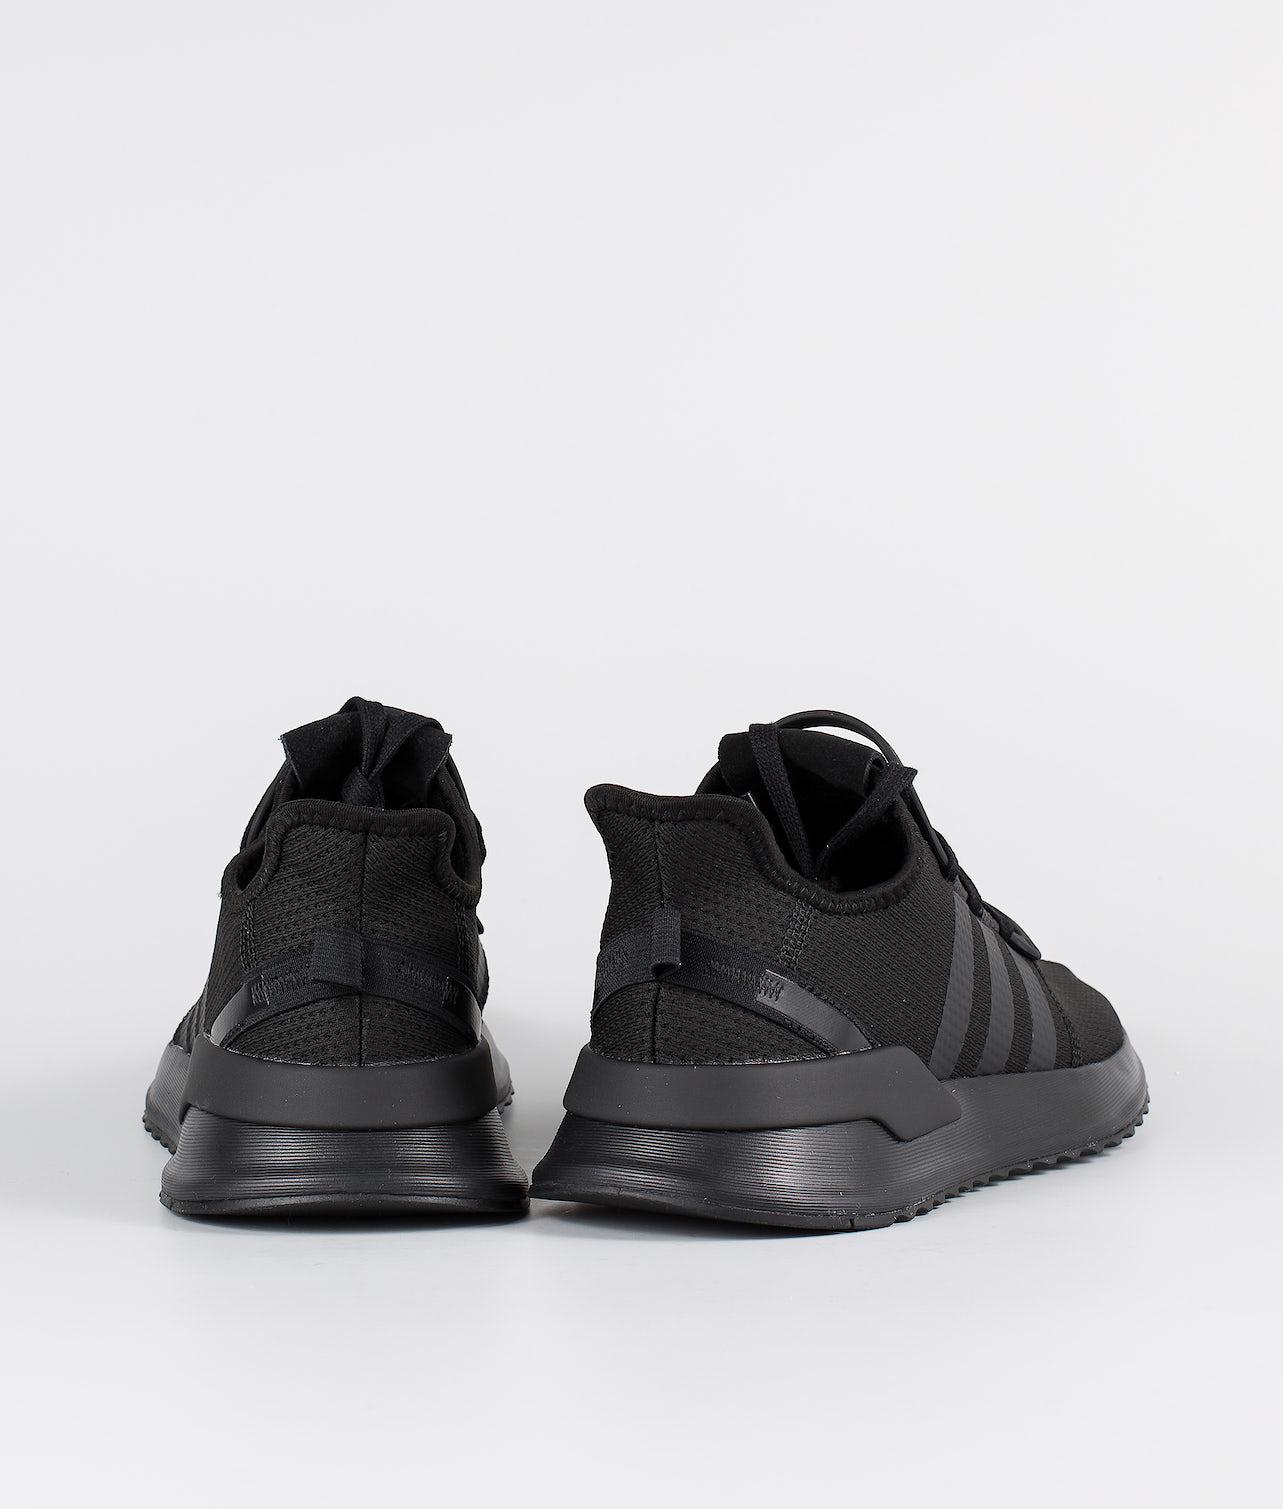 Kjøp U_Path Run Sko fra Adidas Originals på Ridestore.no - Hos oss har du alltid fri frakt, fri retur og 30 dagers åpent kjøp!